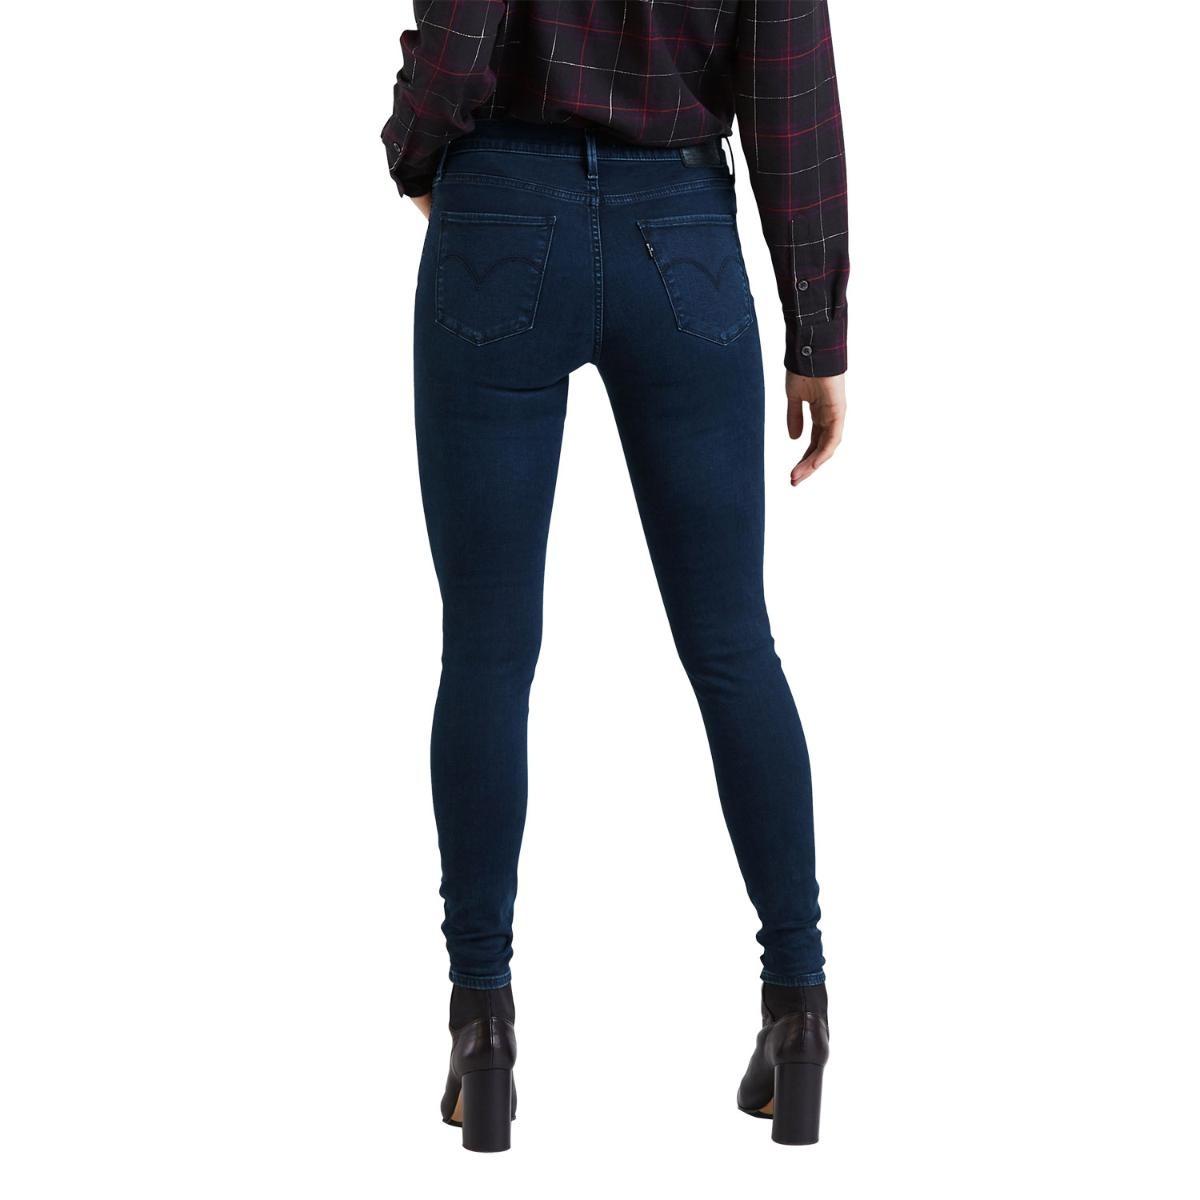 a1a18e8340bca Carregando zoom... calça jeans levis feminino 720 high rise super skinny  escura